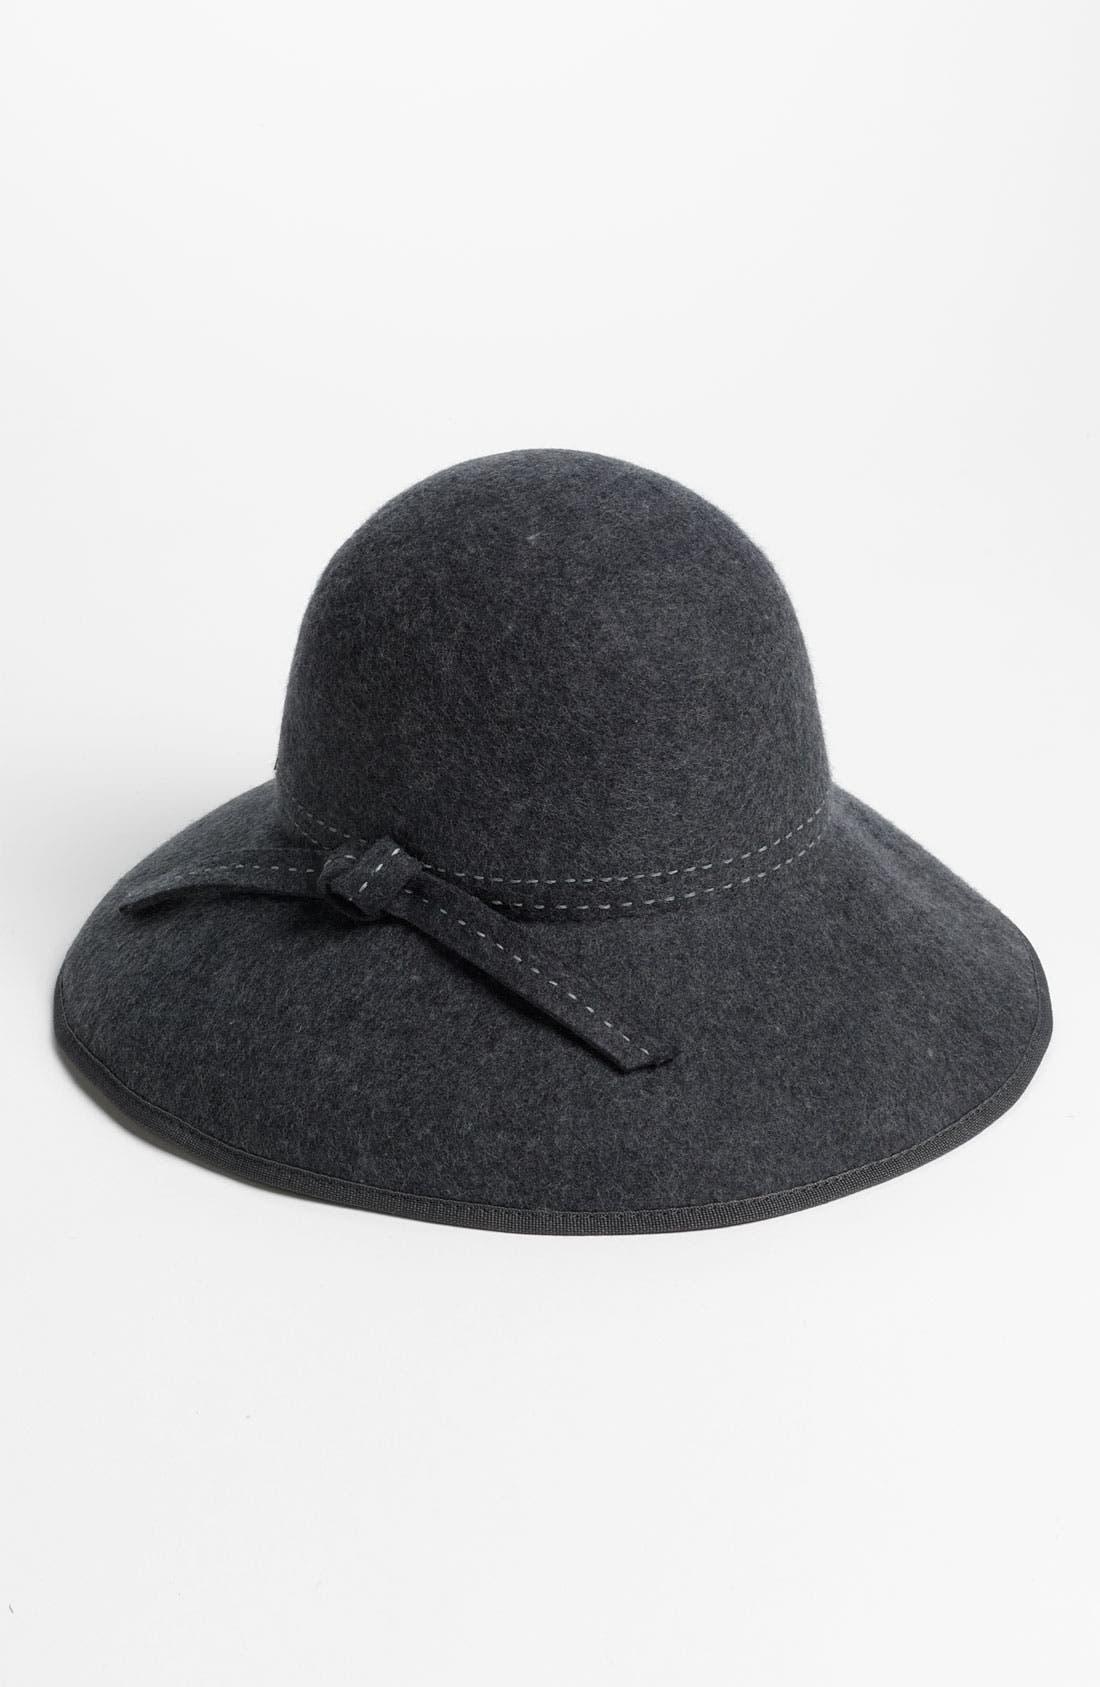 Alternate Image 1 Selected - Nordstrom Wire Brim Floppy Wool Hat